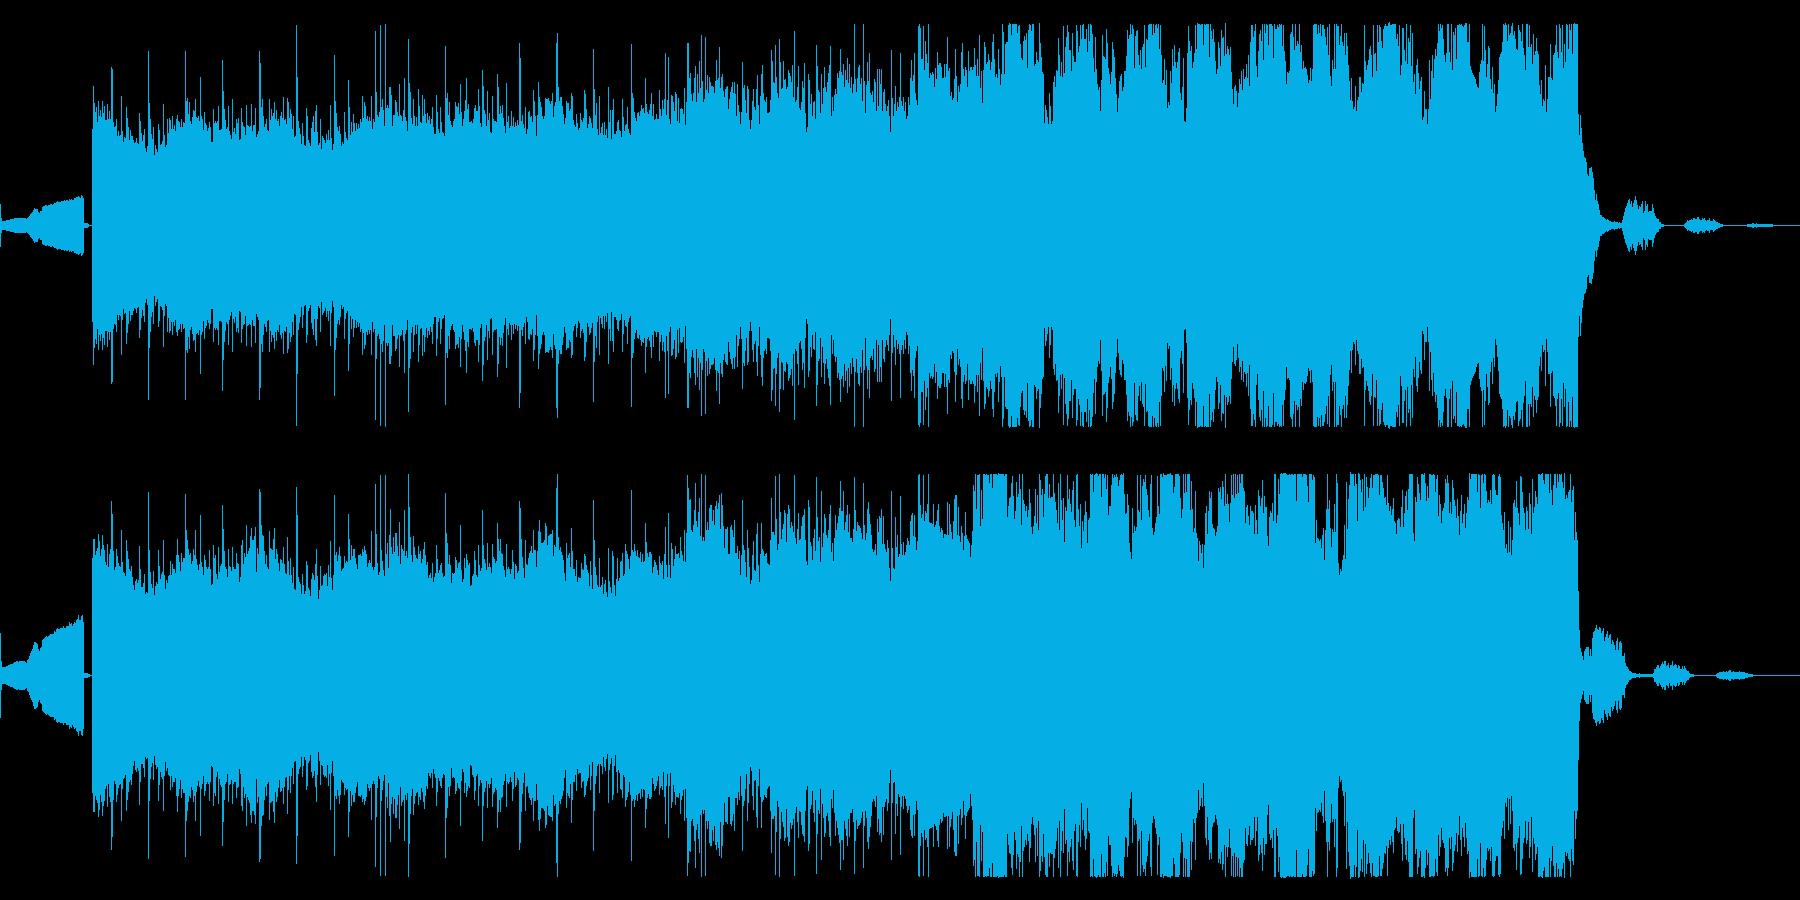 『涙が吸われていく』様なイメージで作ったの再生済みの波形